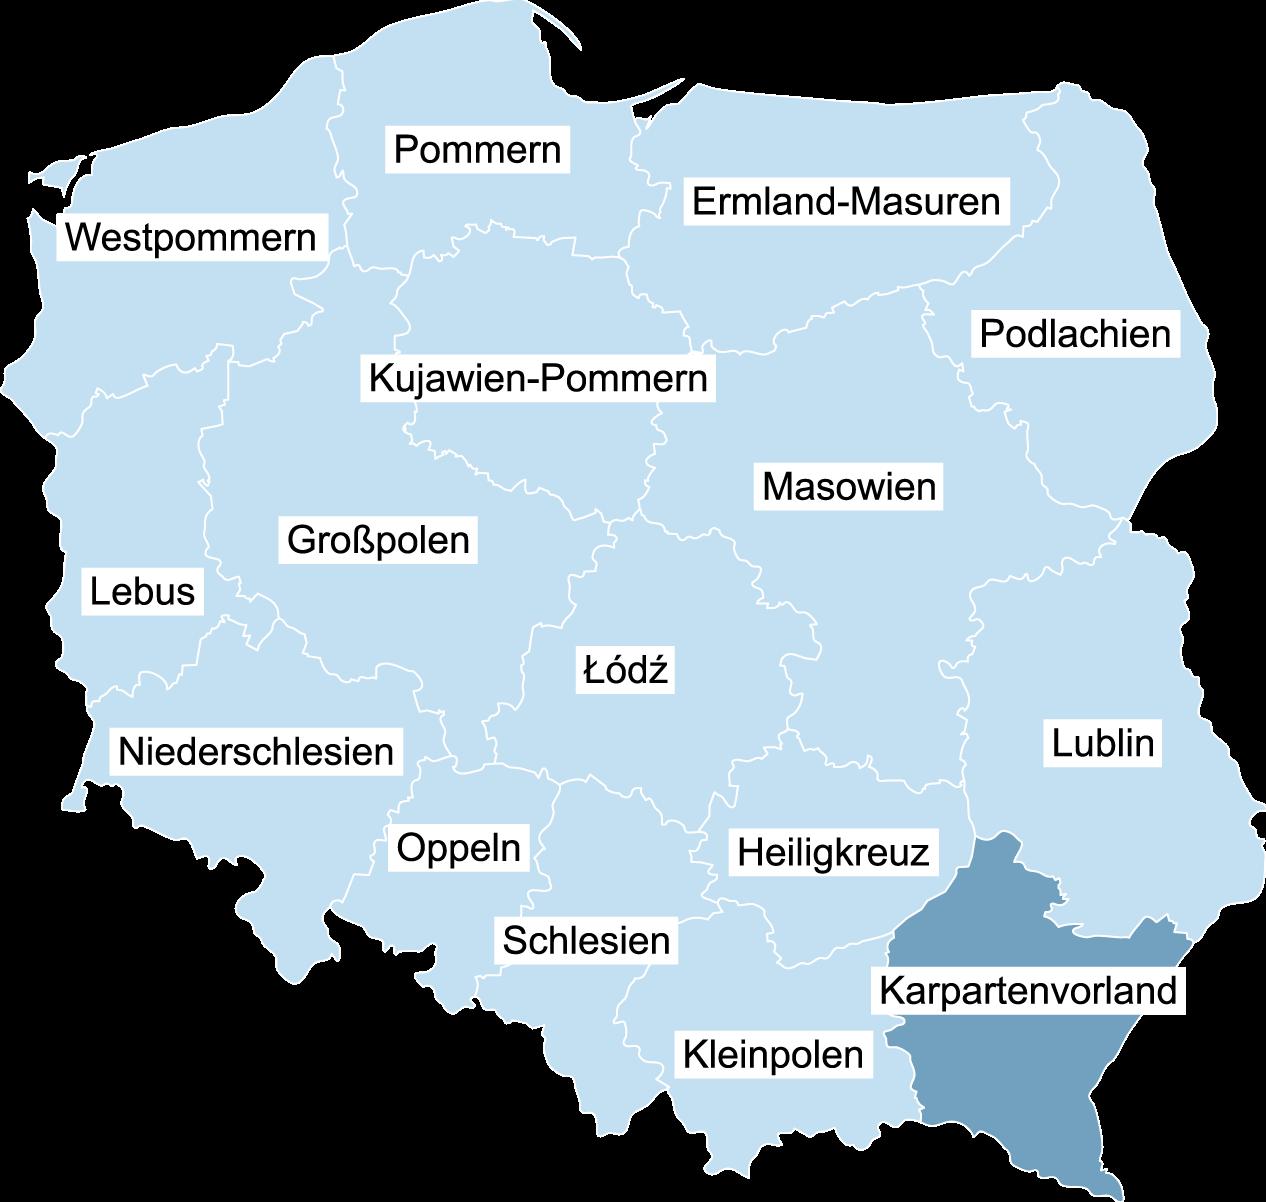 Landkarte von Polen mit der eingezeichneten Wojewodschaft Karpatenvorland